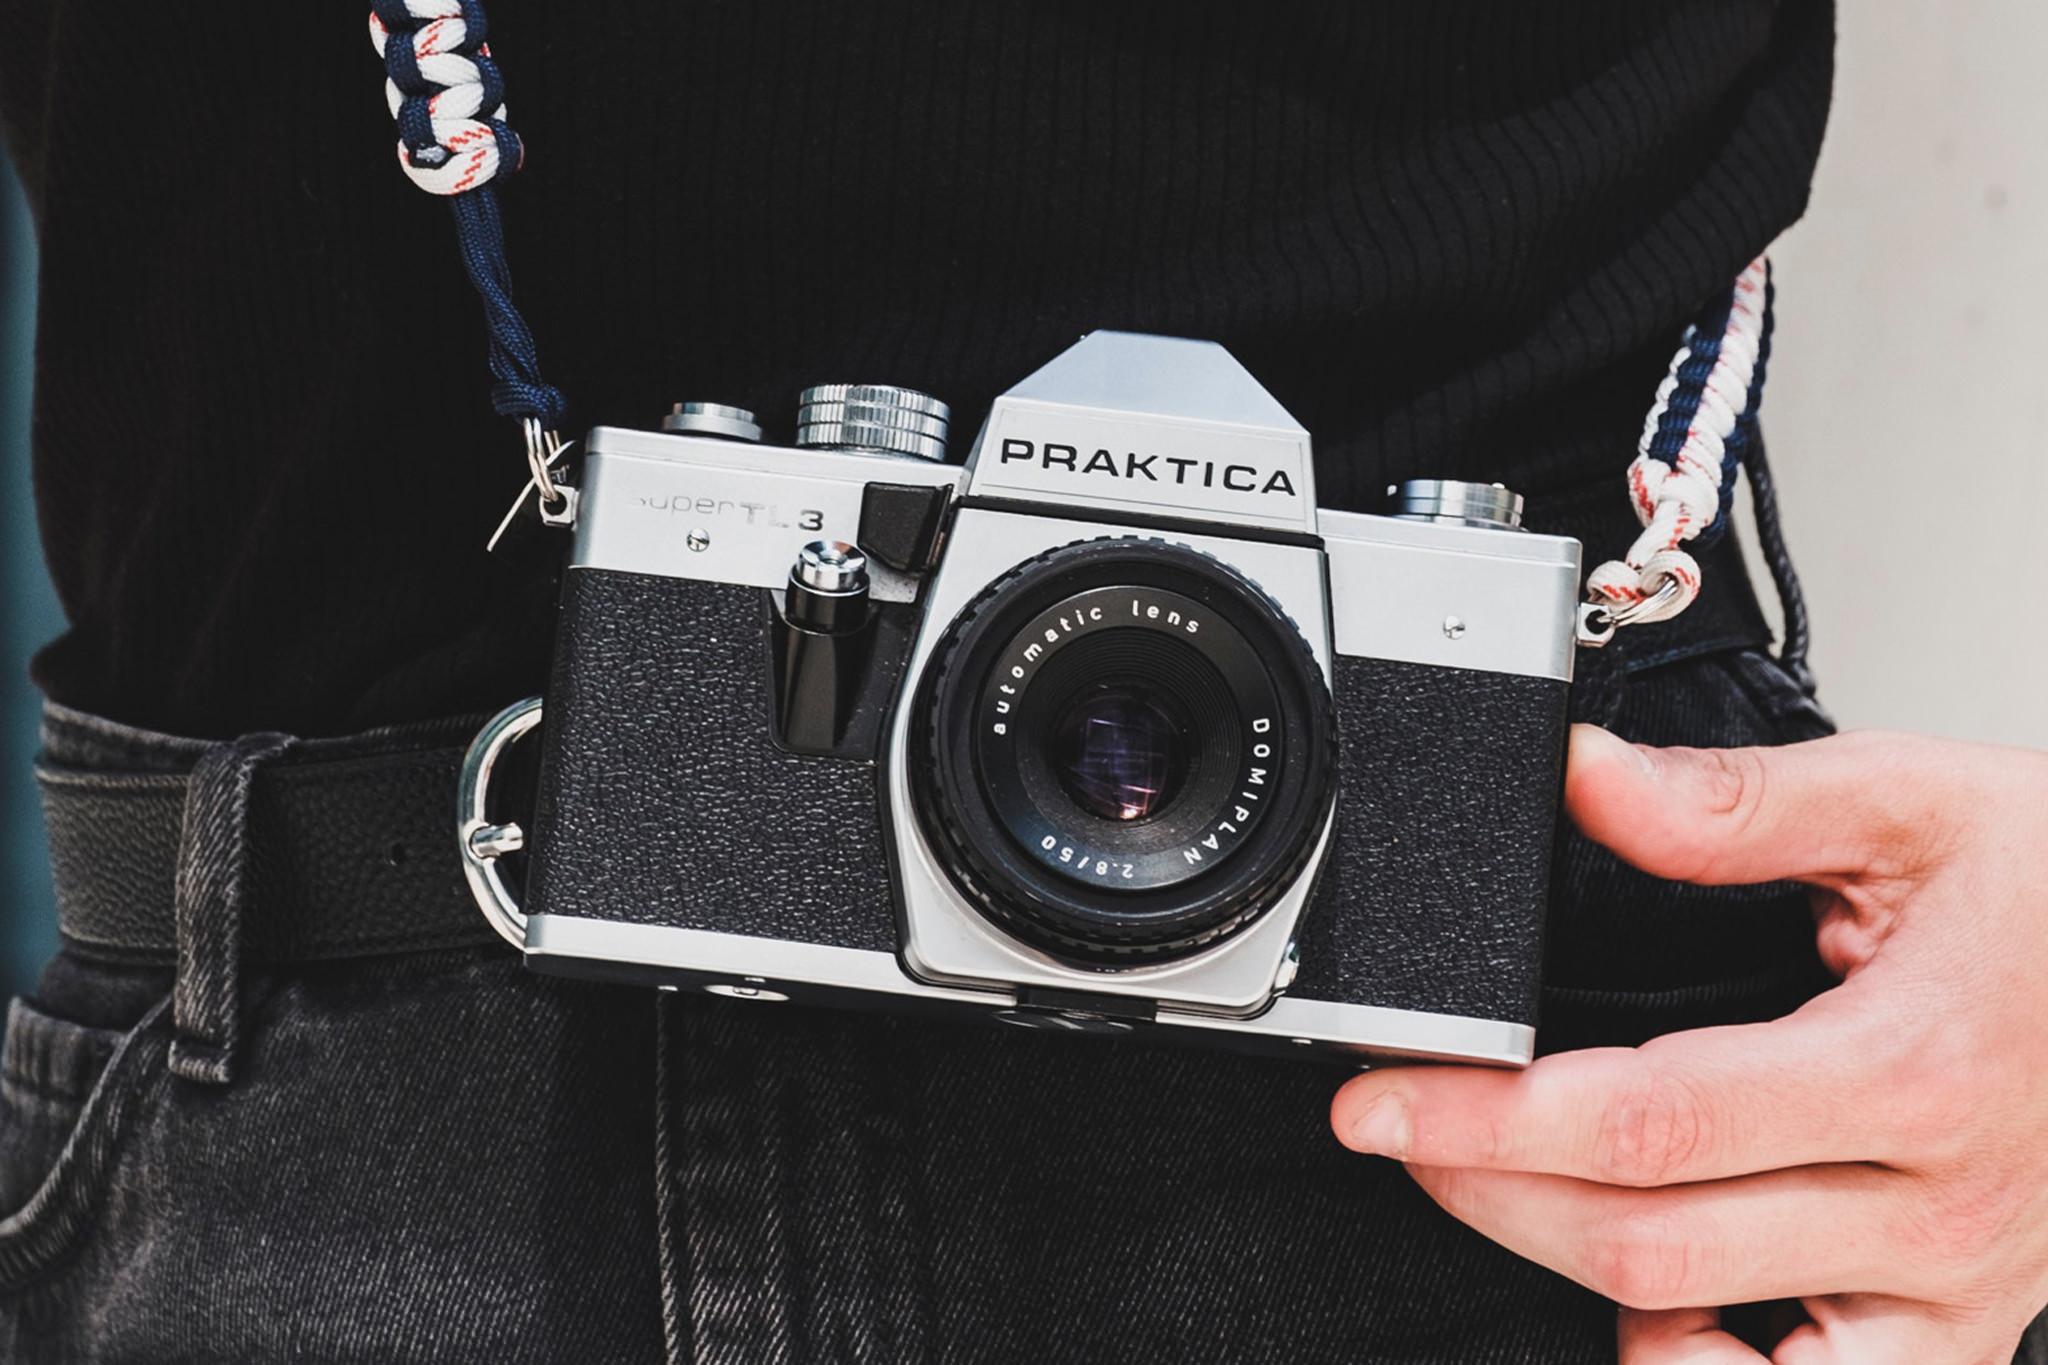 Praktica super tl 3 eine super spiegelreflexkamera von pentacon